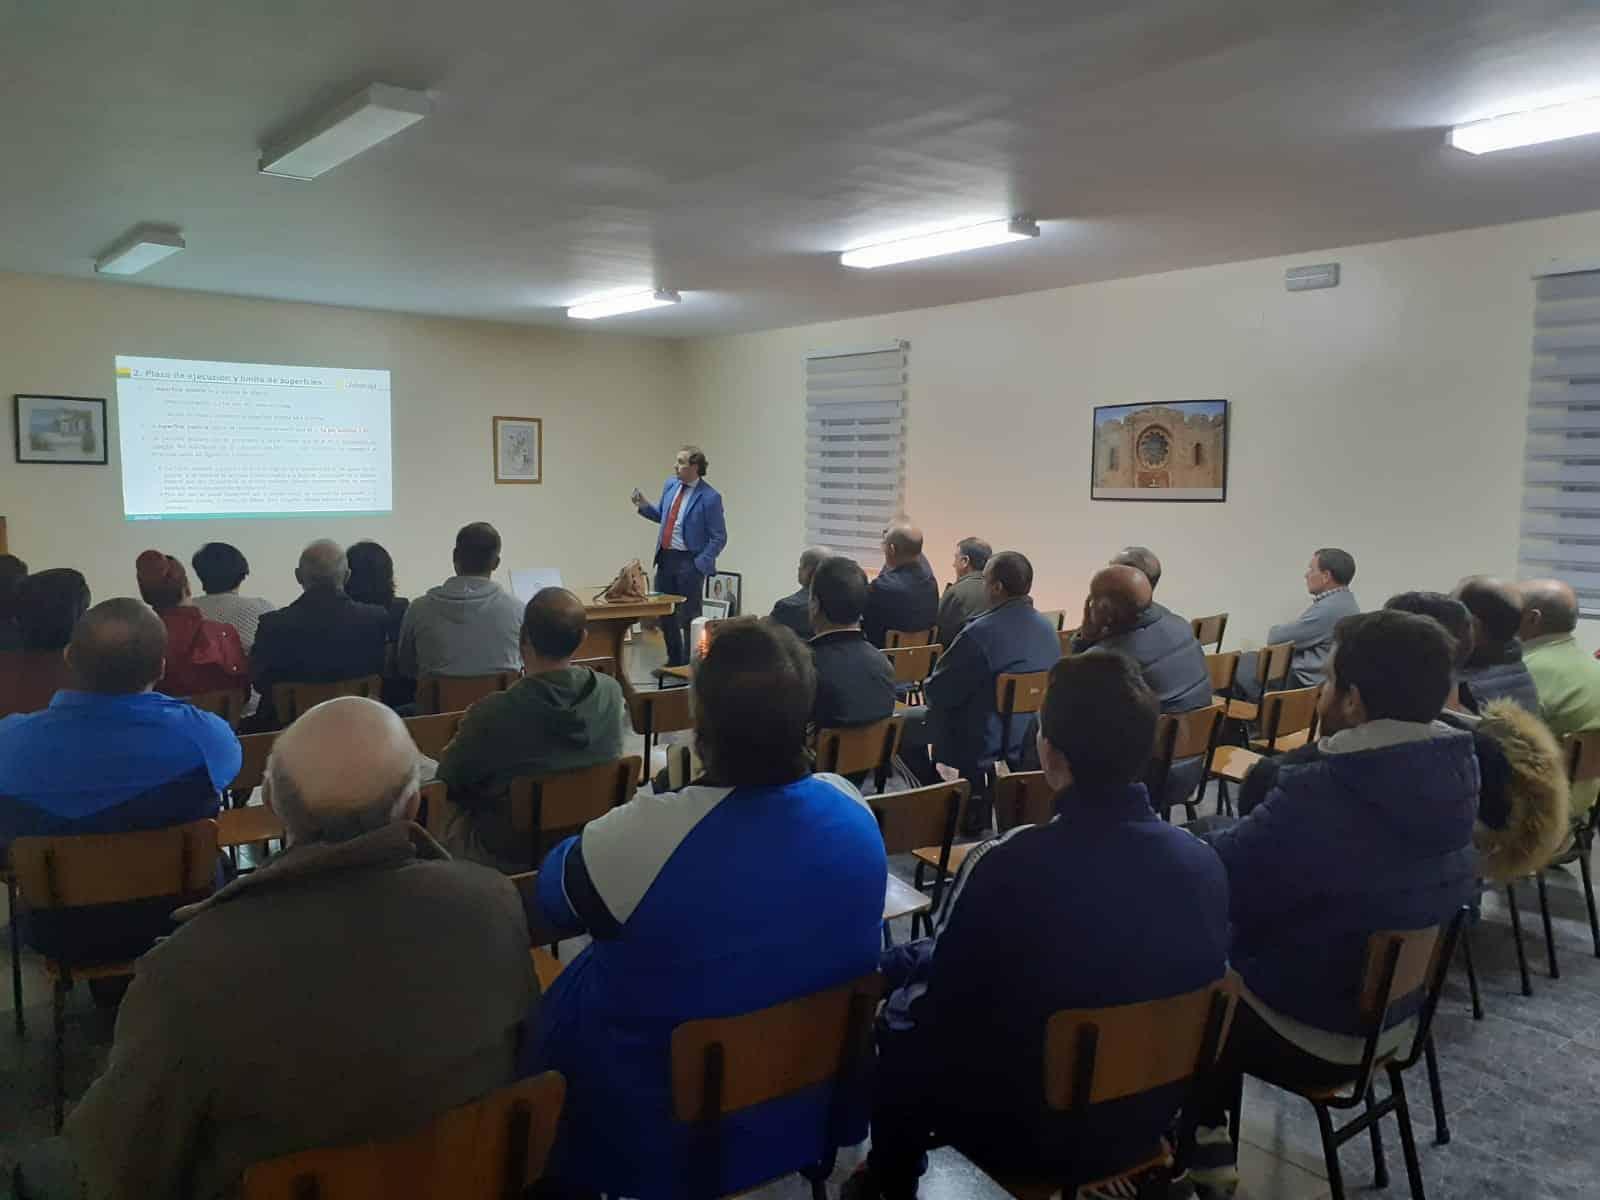 https://blog.globalcaja.es/wp-content/uploads/2020/02/Globalcaja-asesora-sobre-las-nuevas-ayudas-de-reestructuración-de-viñedo.jpg